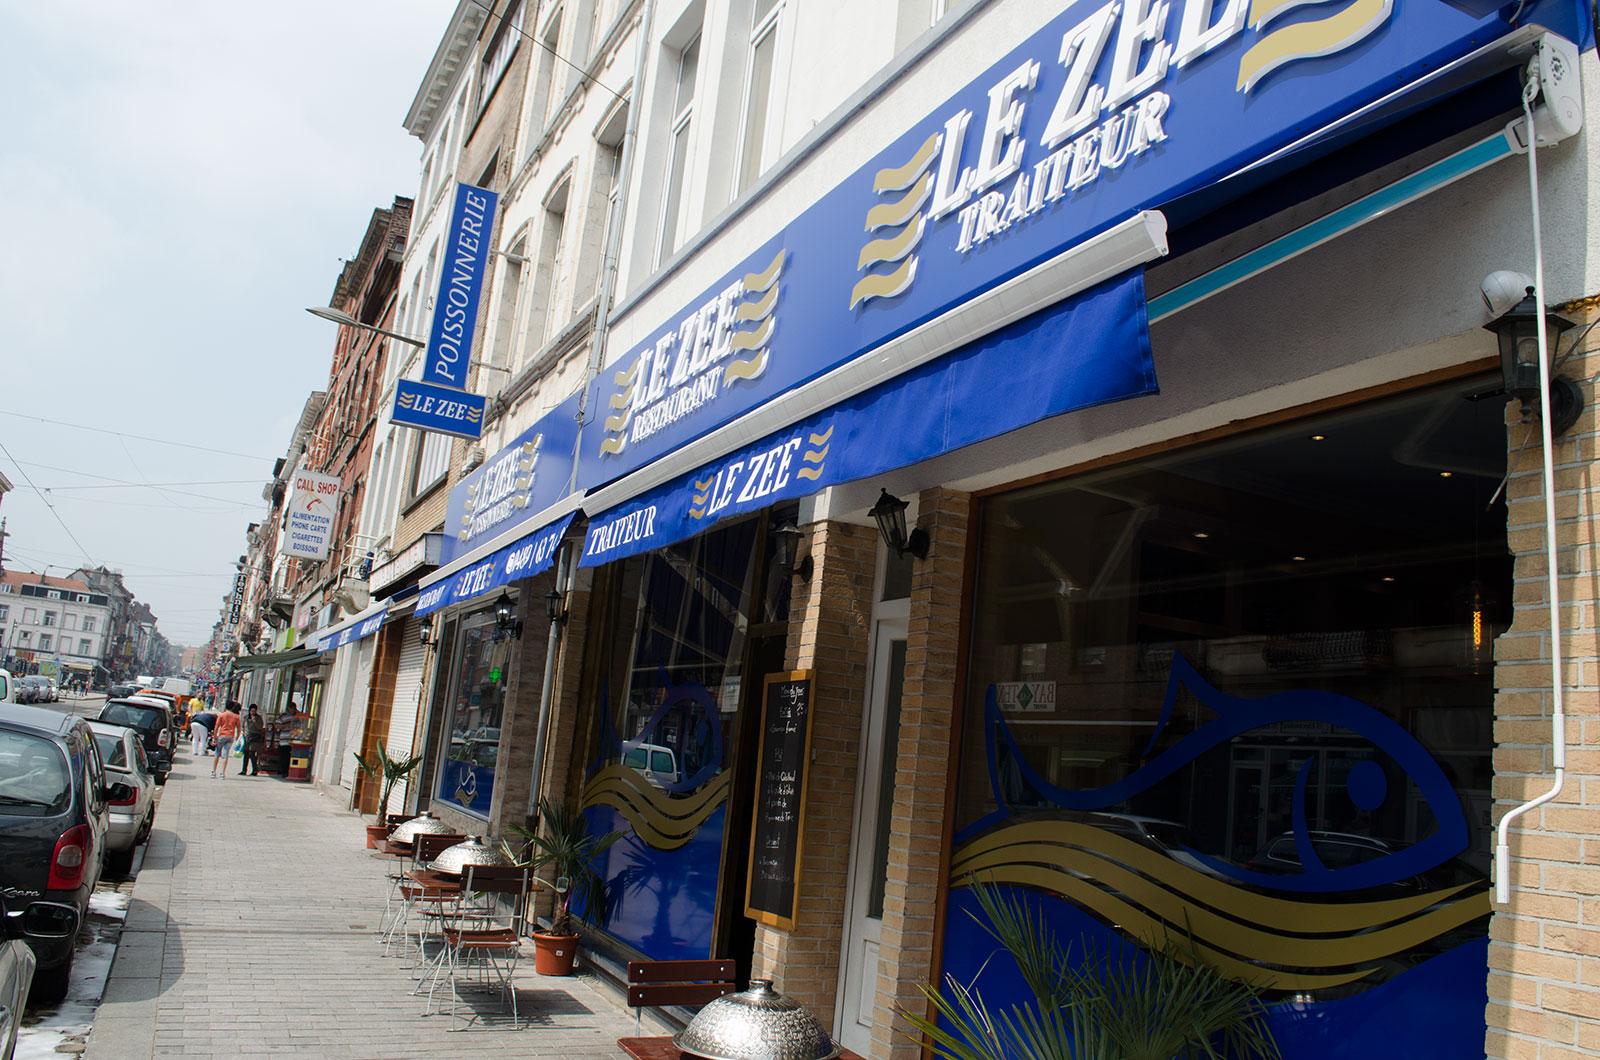 traiteur-img-5 - Livraison de poissons • Poissonnerie • Restaurant • Traiteur à Anderlecht